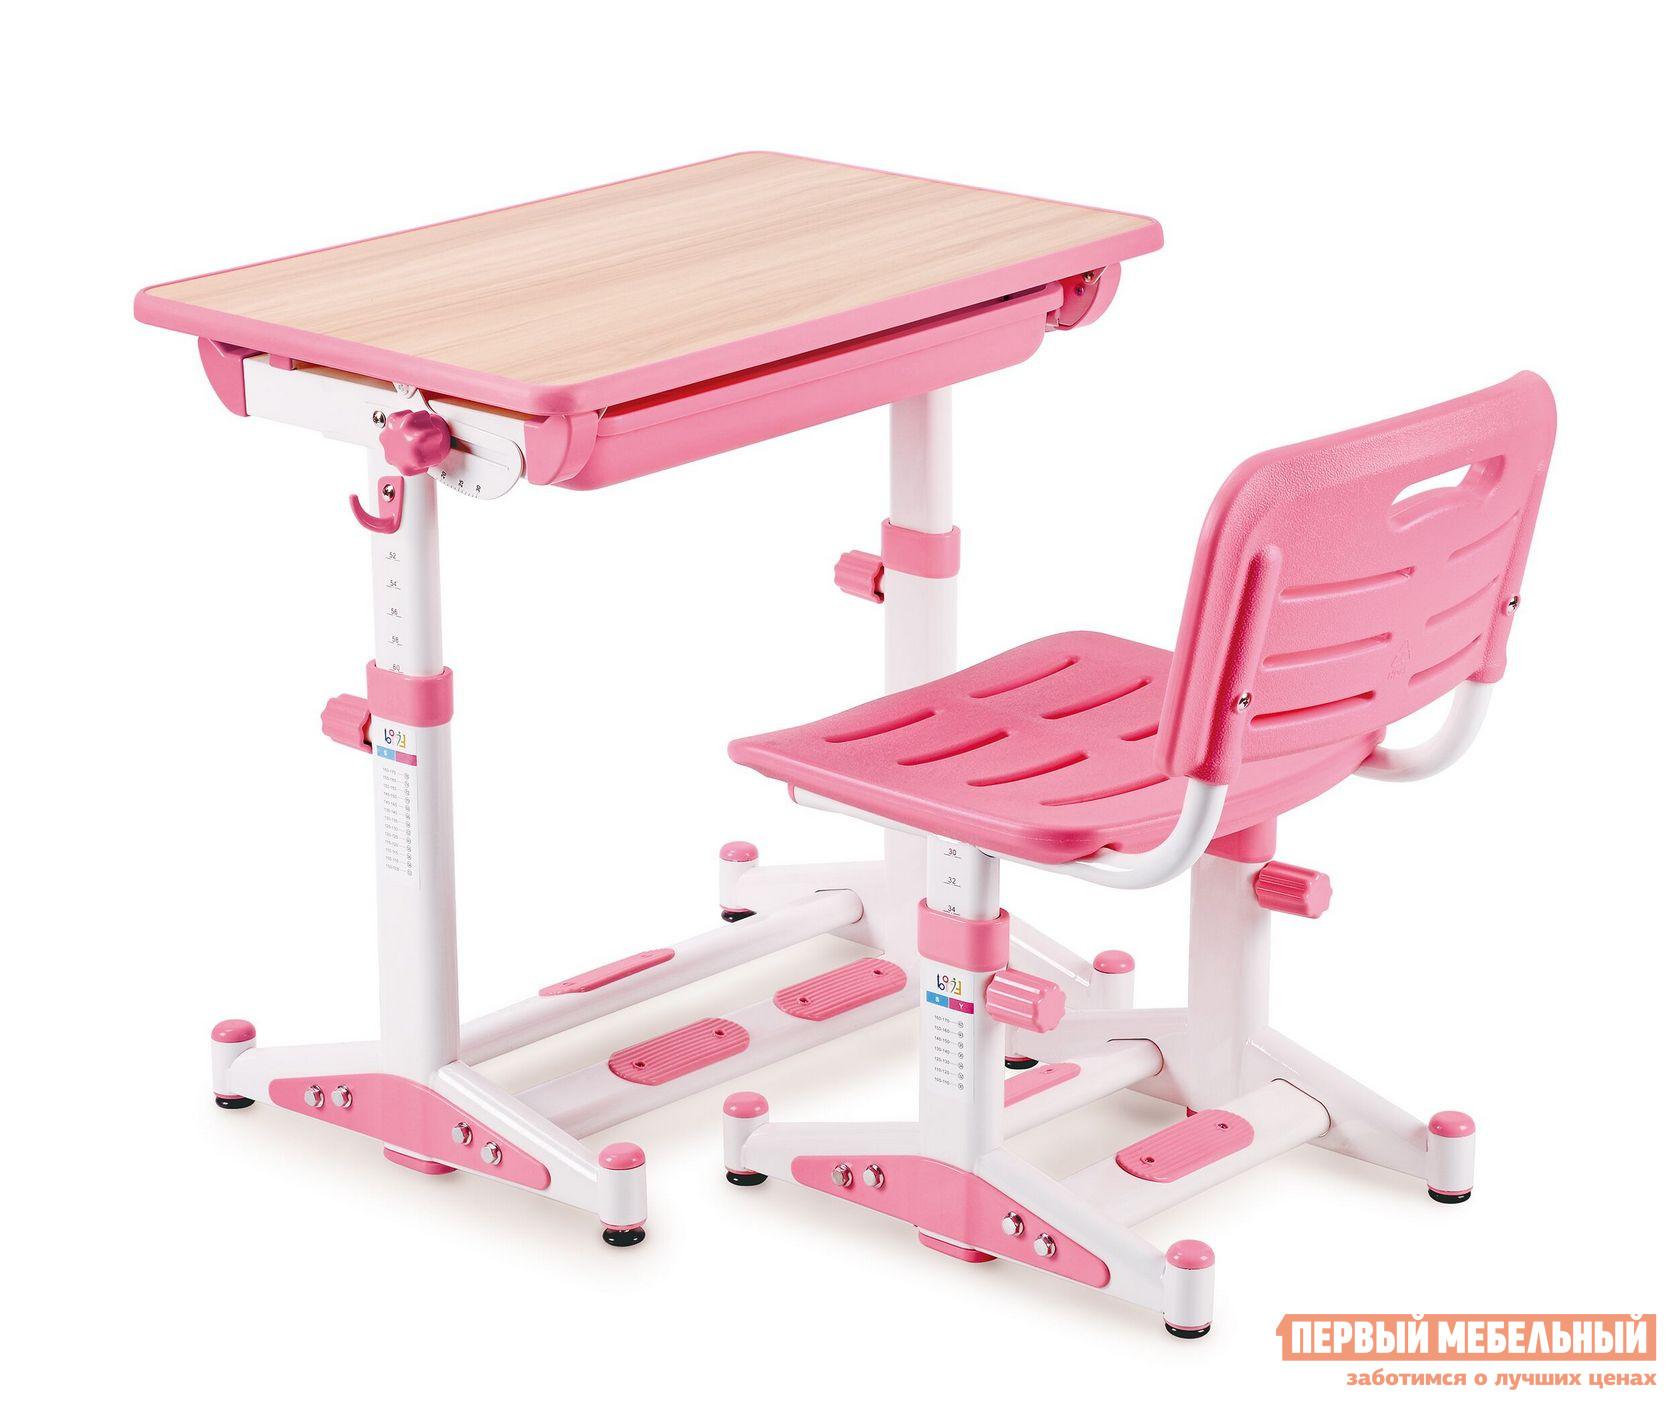 Парта Libao LK-11 РозовыйПарты<br>Габаритные размеры ВхШхГ 520 / 760x700x510 мм. Очень важно выбрать для ребенка эргономичную мебель для занятий.  Данный комплект отвечает всем современным и важным требованиям к детским изделиям.  Парта и стул регулируются по высоте, благодаря чему они будут расти параллельно с ребенком.  Угол наклона столешницы настраивается под разные цели от 10 до 45 градусов: для чтения, письма и рисования.  Стол имеет выдвижной ящик для хранение книг, тетрадей и канцелярских принадлежностей.  Стул оснащен решетчатыми сиденьем и спинкой для оптимальной вентиляции.  А также модель способствует хорошей осанке ребенка. Размер стола: 520 / 760 х 700 х 510 мм. Размер стула: 300 / 440 х 380 х 340 мм. Столешница выполнена из МДФ.  Стул и парт изготовлены из стальной трубы и экологически чистого полипропилена.<br><br>Цвет: Розовый<br>Высота мм: 520 / 760<br>Ширина мм: 700<br>Глубина мм: 510<br>Кол-во упаковок: 1<br>Форма поставки: В разобранном виде<br>Срок гарантии: 1 год<br>Тип: Трансформер<br>Тип: Одноместные<br>Тип: Регулируемые<br>Тип: Растущие<br>Тип: Ортопедические<br>Назначение: Для дома<br>Назначение: Для школьников<br>Материал: Металл<br>Материал: Пластик<br>Материал: МДФ<br>Со стулом: Да<br>Рост ребенка: Рост 115-130 см<br>Рост ребенка: Рост 130-145 см<br>Рост ребенка: Рост 145-160 см<br>Рост ребенка: Рост 160-175 см<br>Рост ребенка: Рост 175-185 см